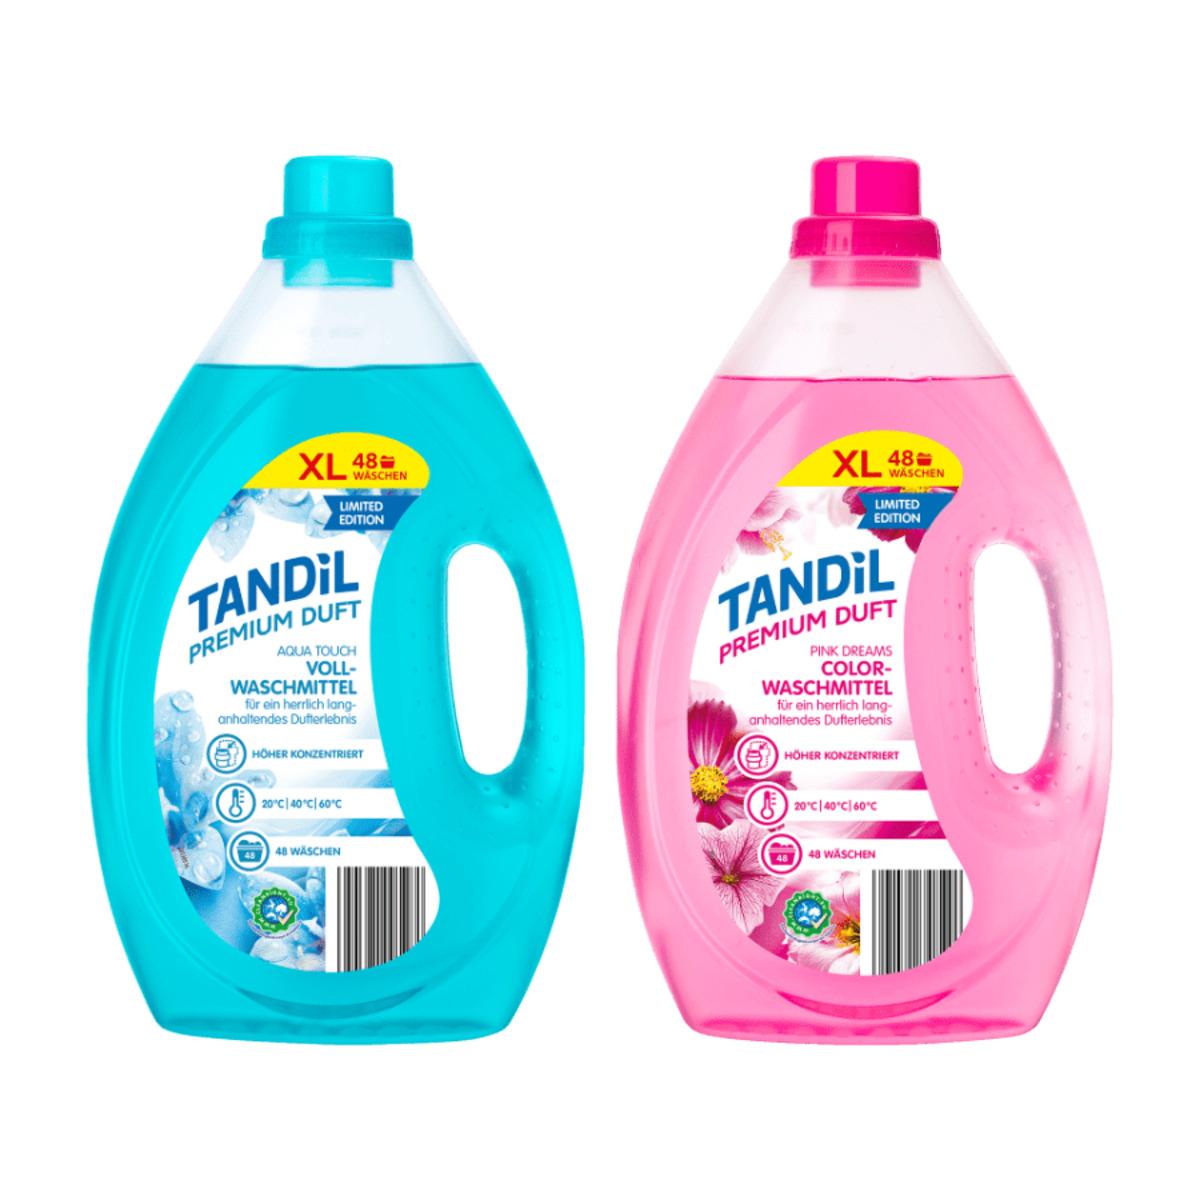 Bild 1 von TANDIL     Flüssigwaschmittel XL